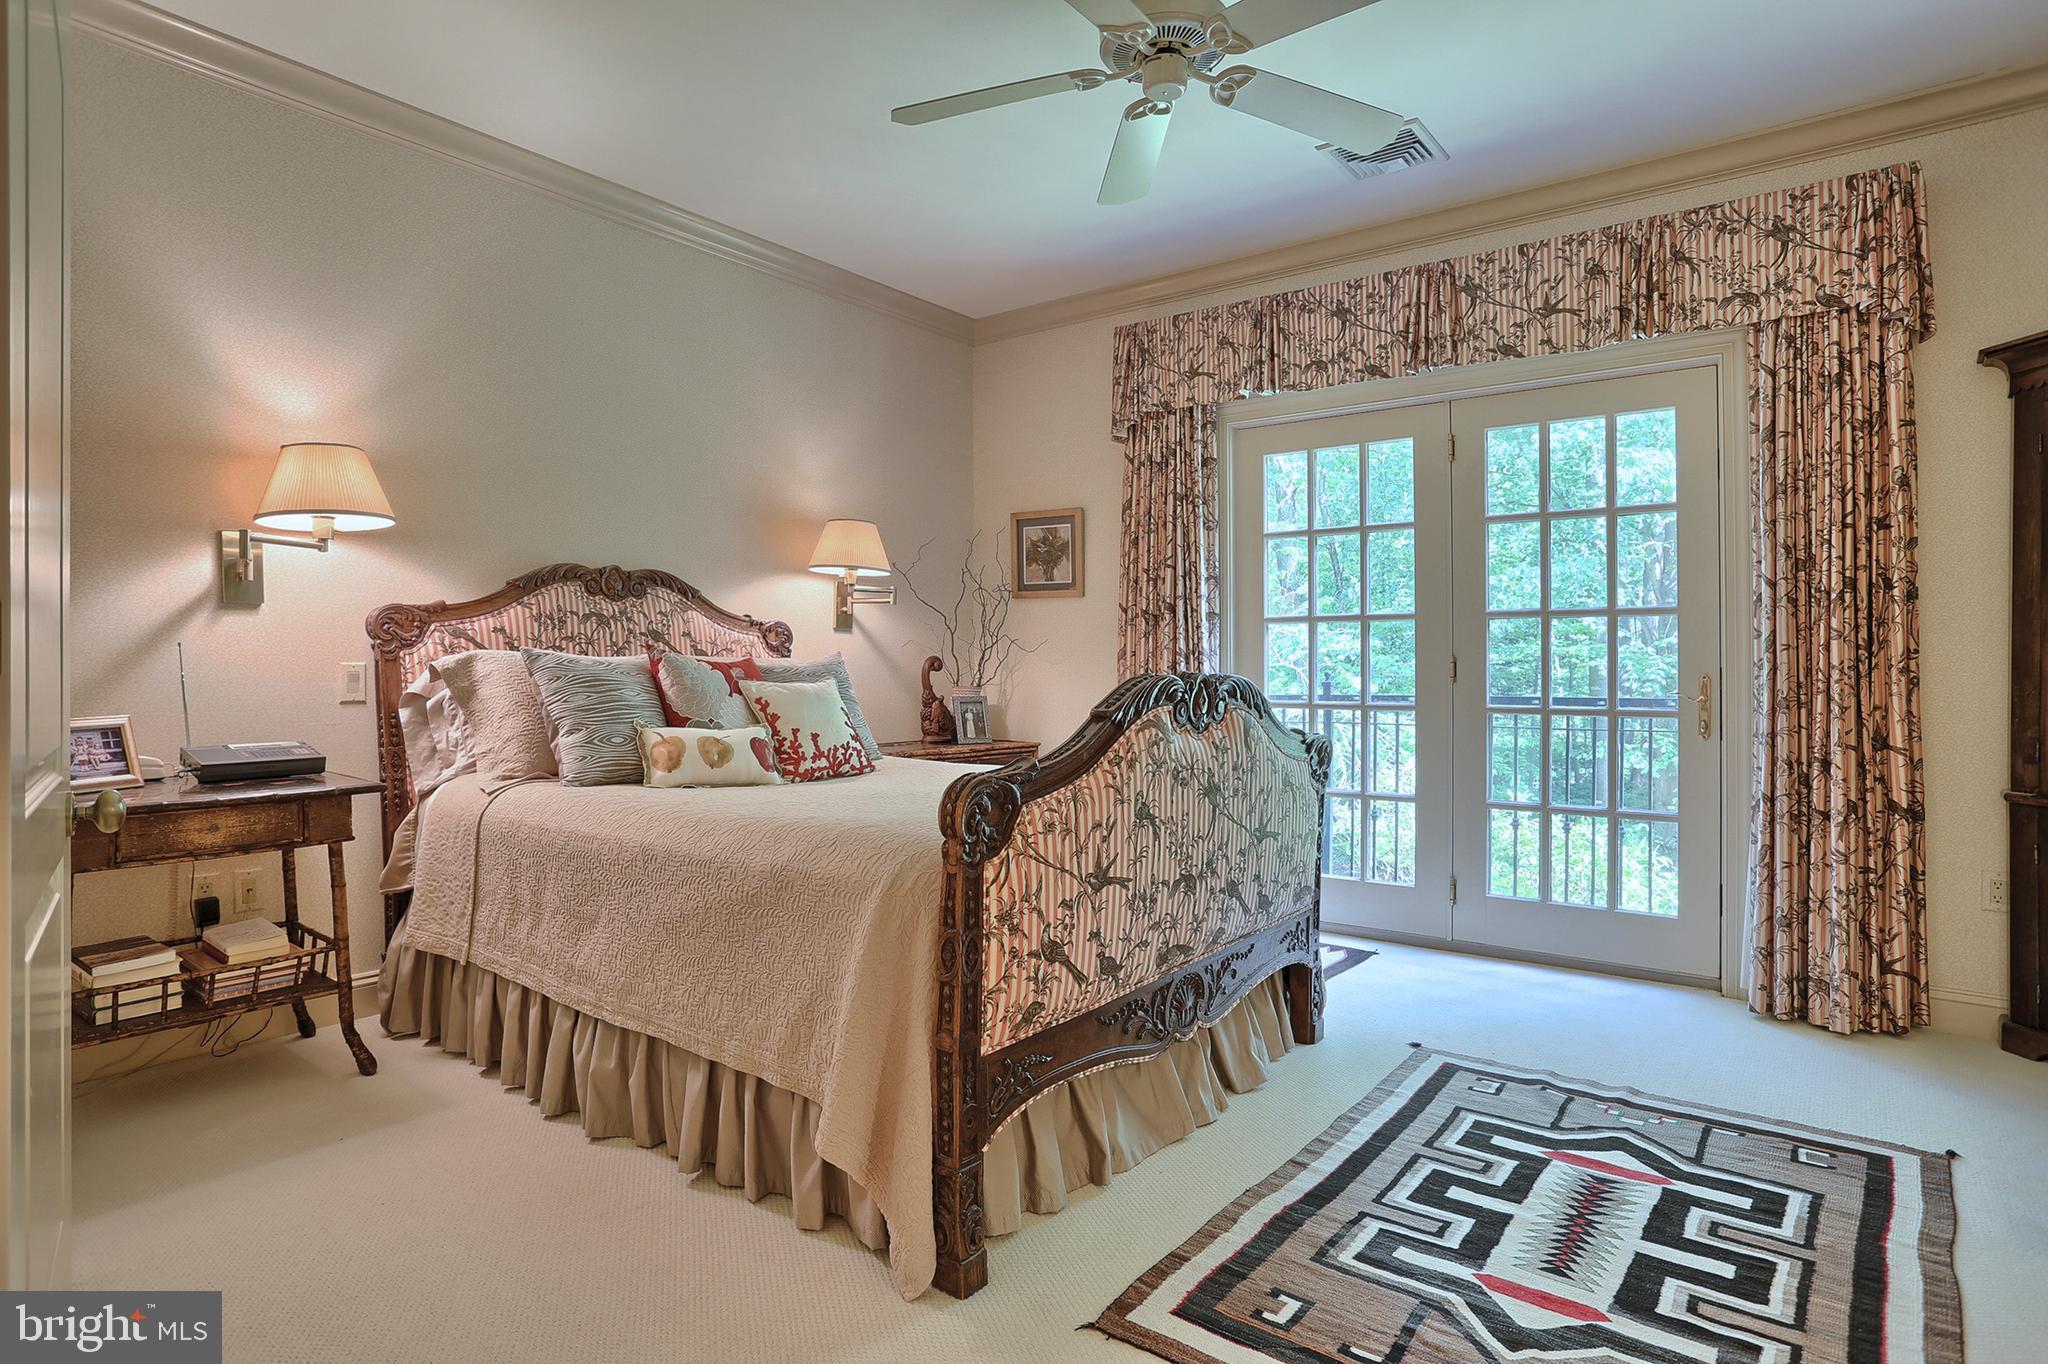 Master Bedroom - Juliet balcony